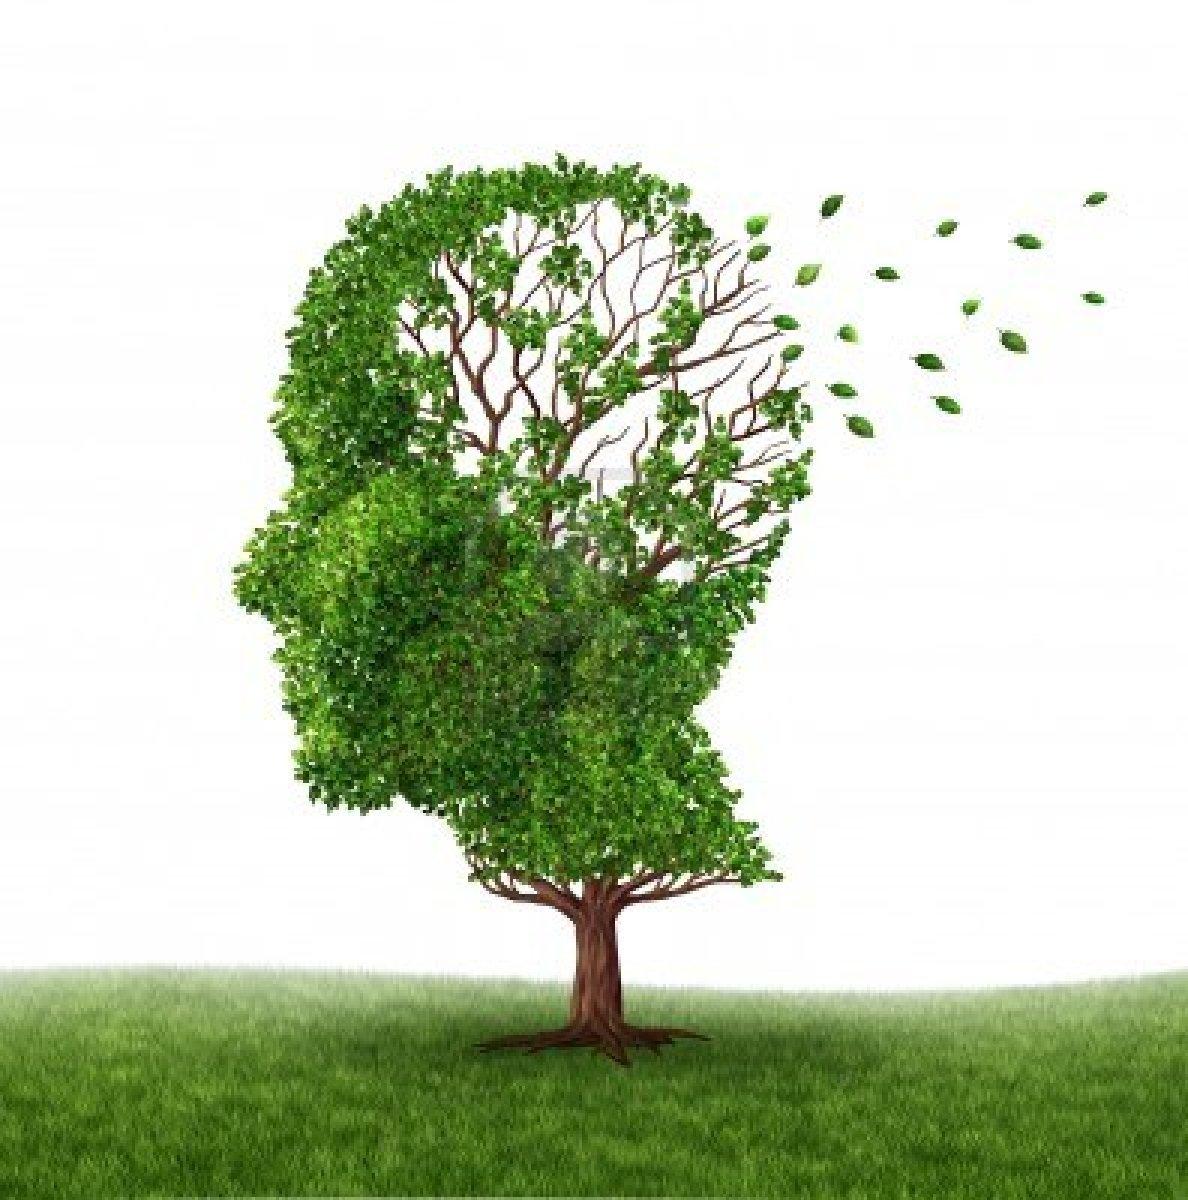 Vücudumuzda D Vitamini Eksikliği Alzheimer Riskini Arttırır